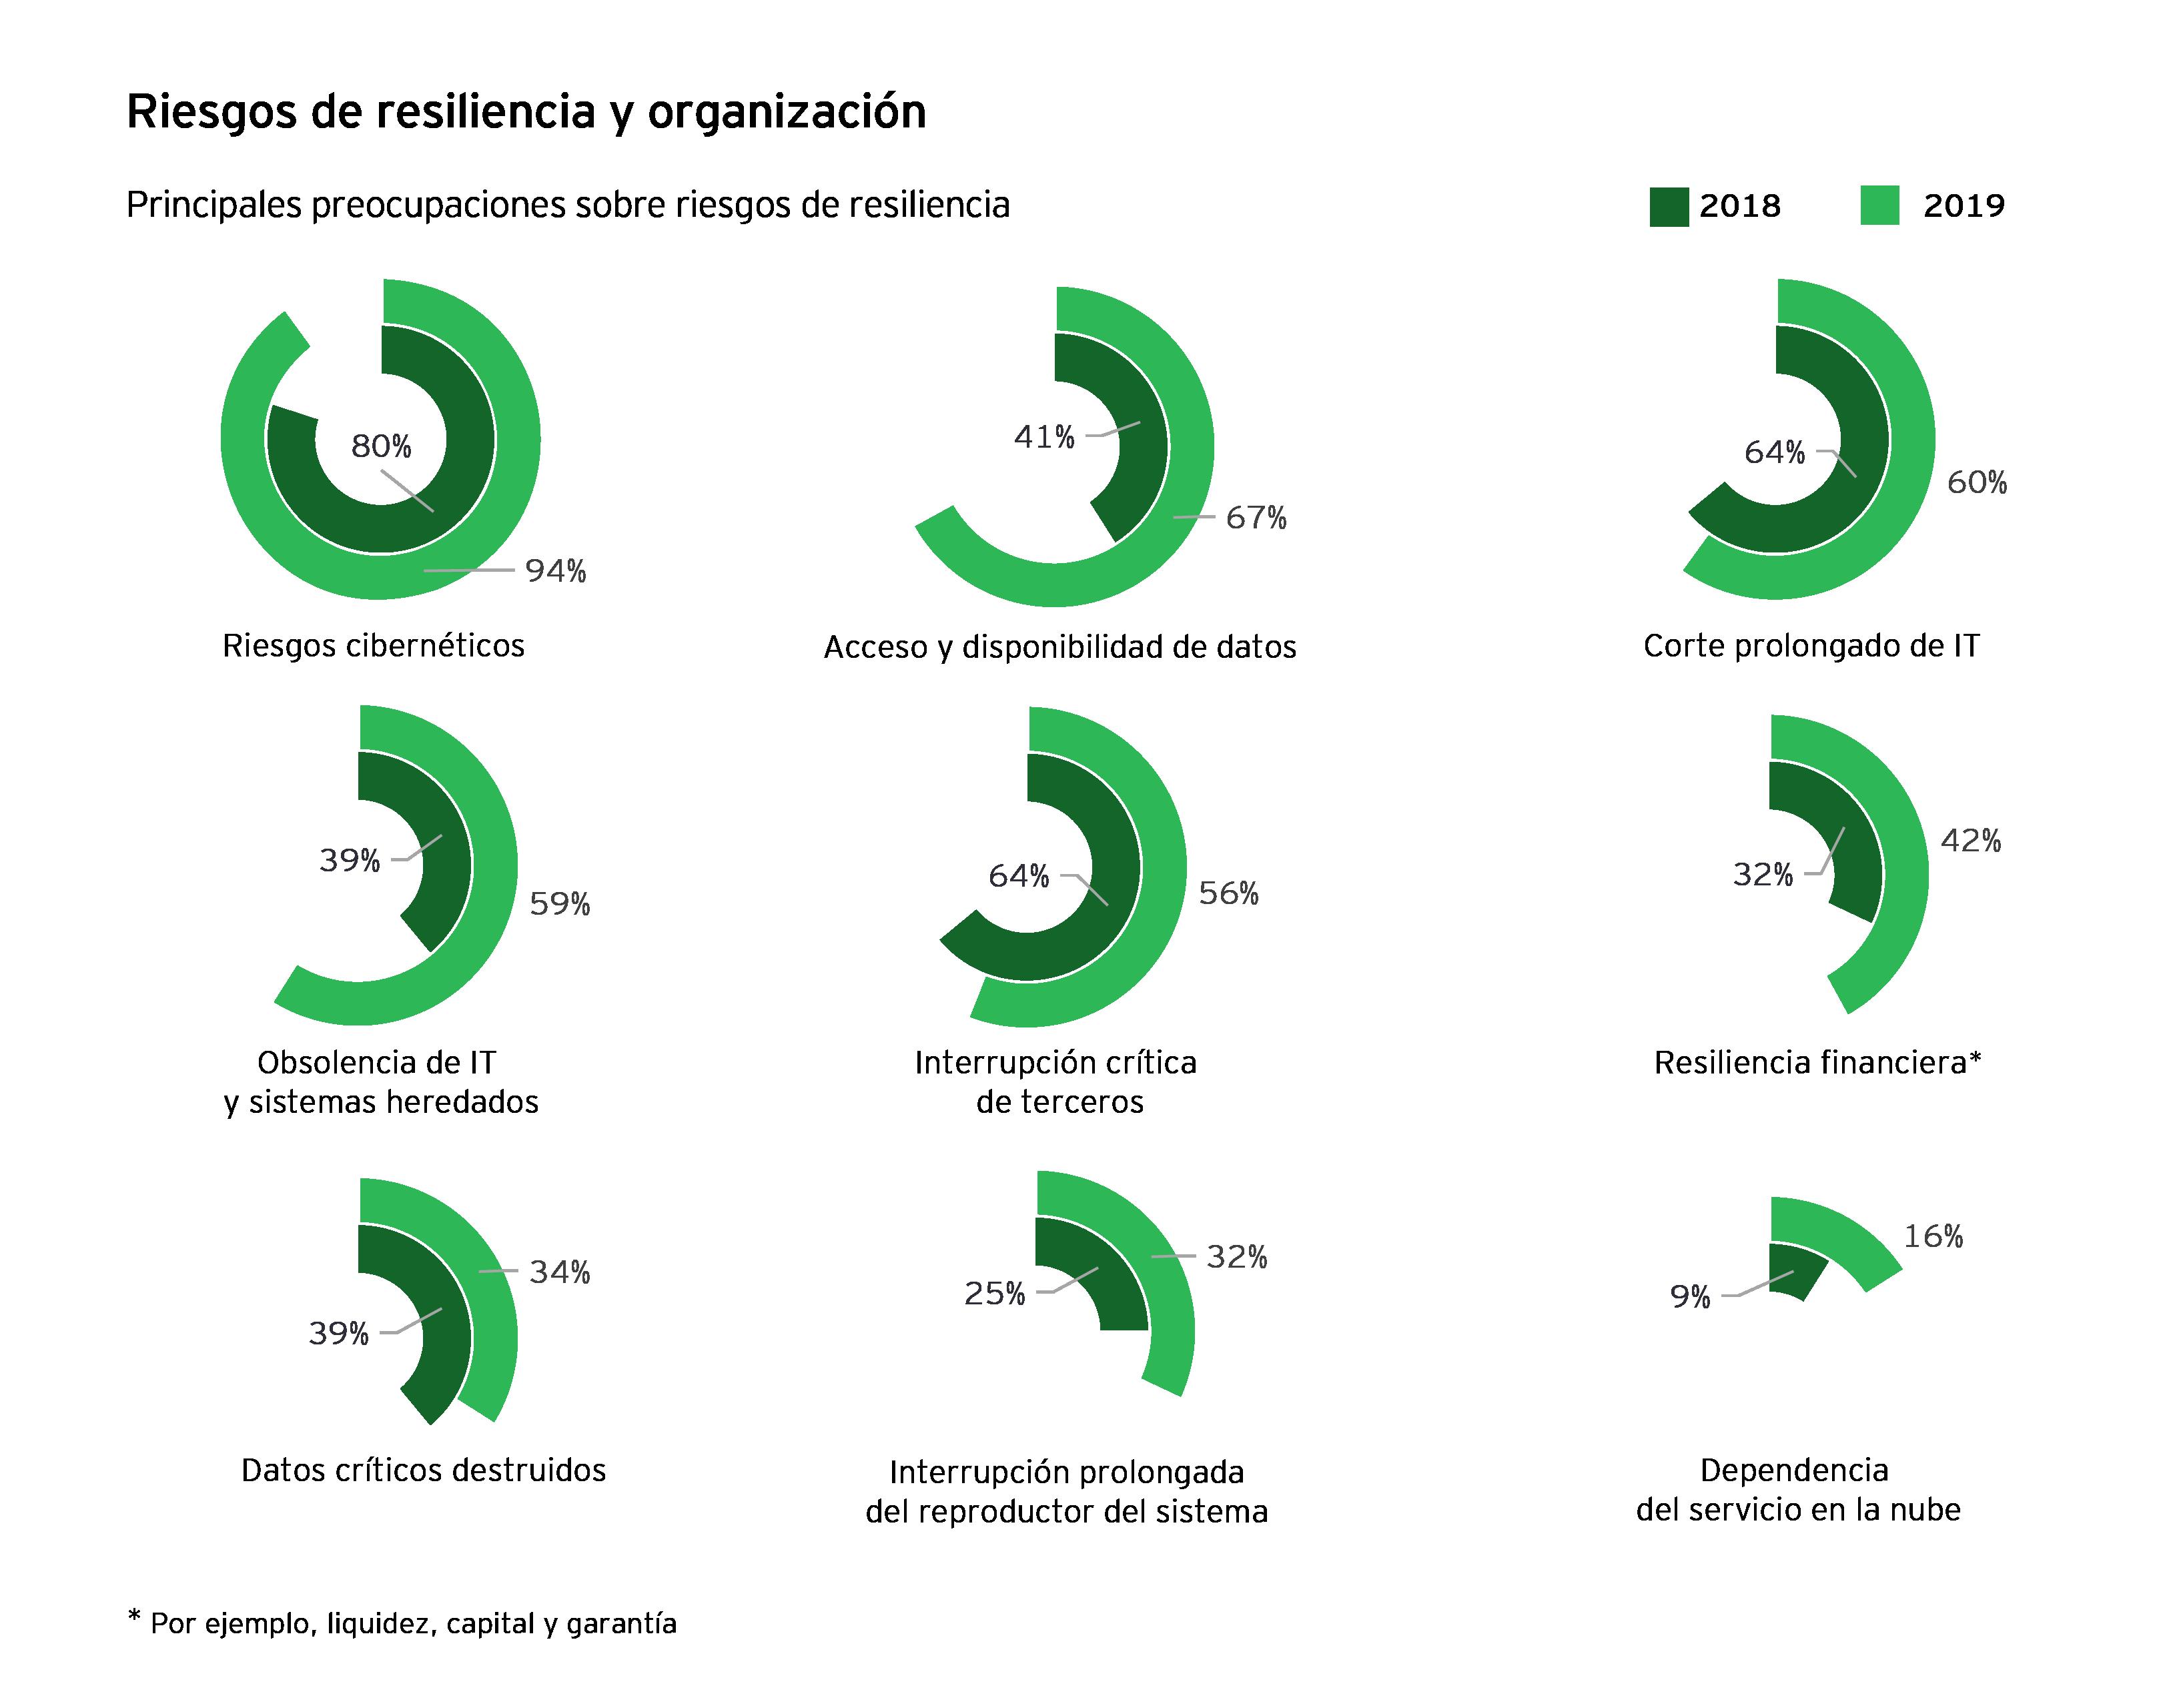 Infografía sobre el riesgo de resistencia y organización